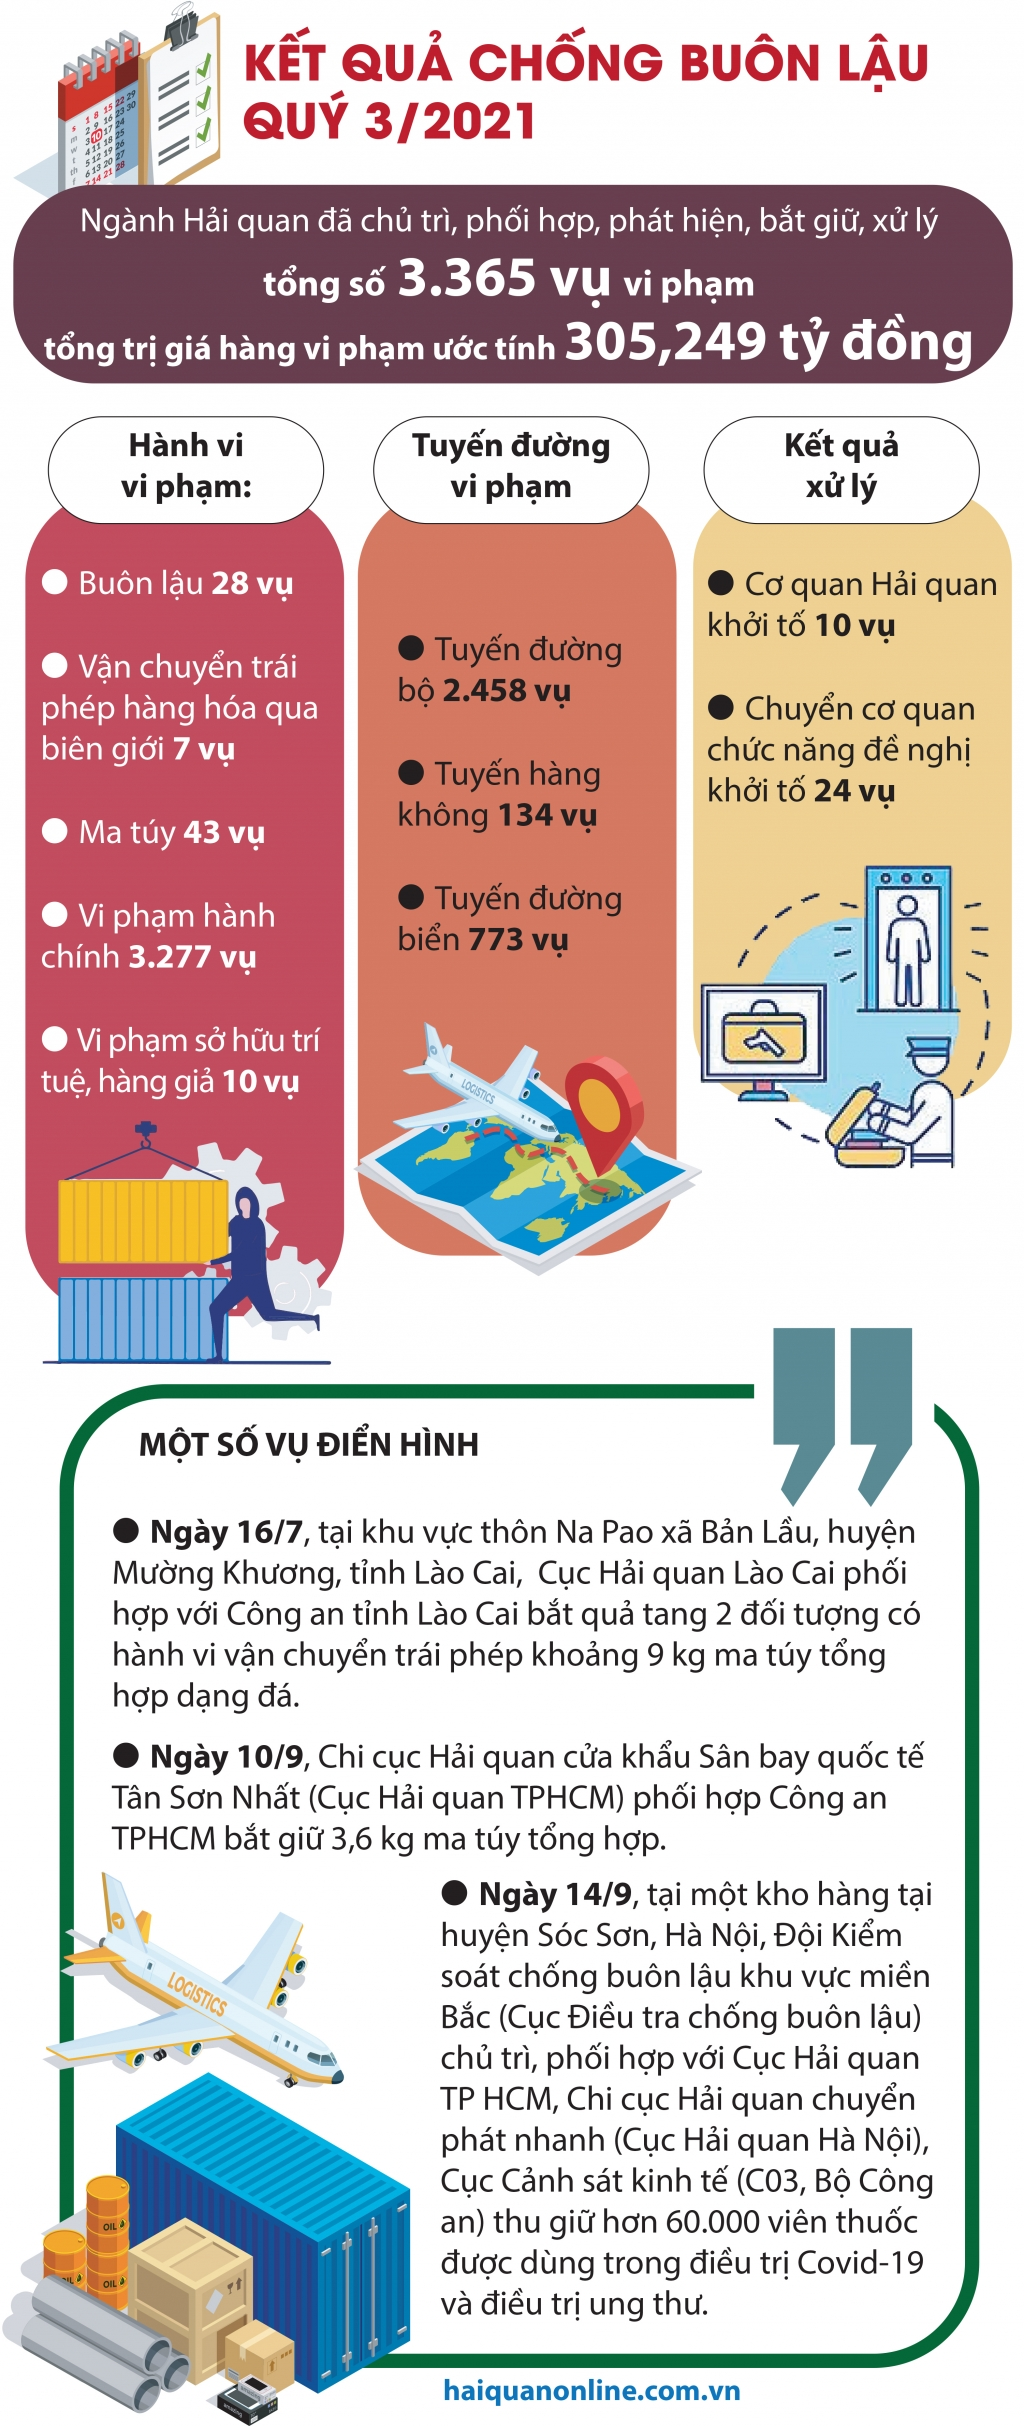 Infographics: Kết quả chống buôn lậu nổi bật của ngành Hải quan trong quý 3